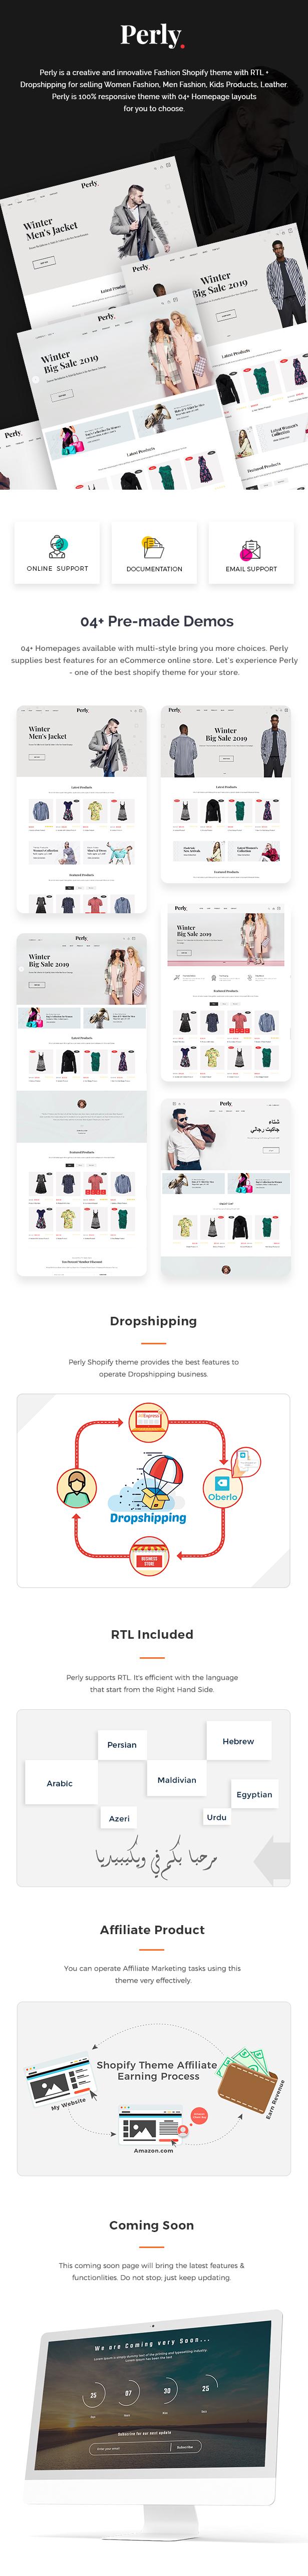 Fashion Shopify Theme - Perly - 1